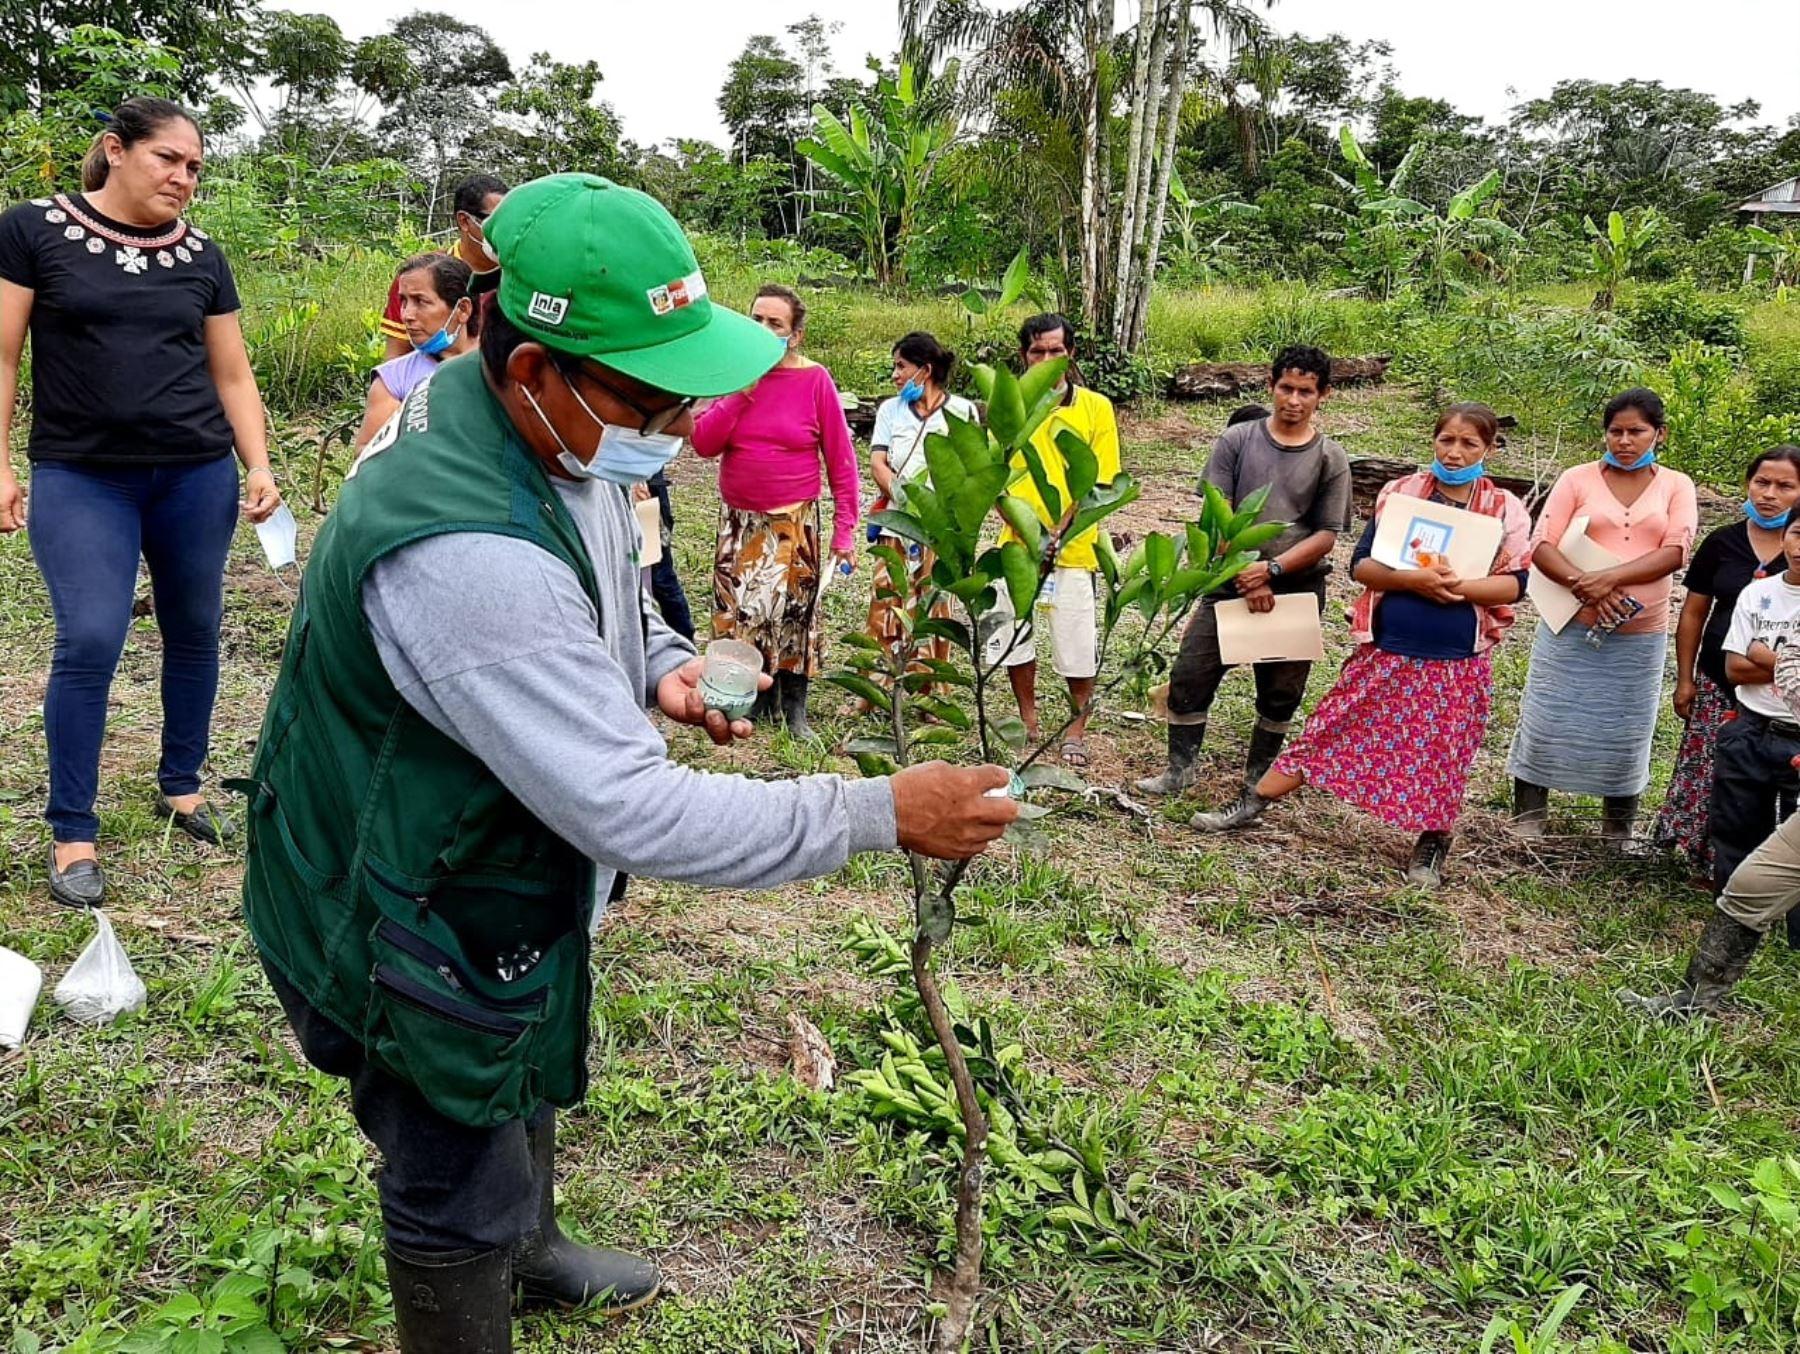 El INIA destacó la aprobación de la Ley de Extensión Agraria y afirmó que esta norma ayudará a incrementar la producción de la agricultura familiar. Foto:  ANDINA/difusión.